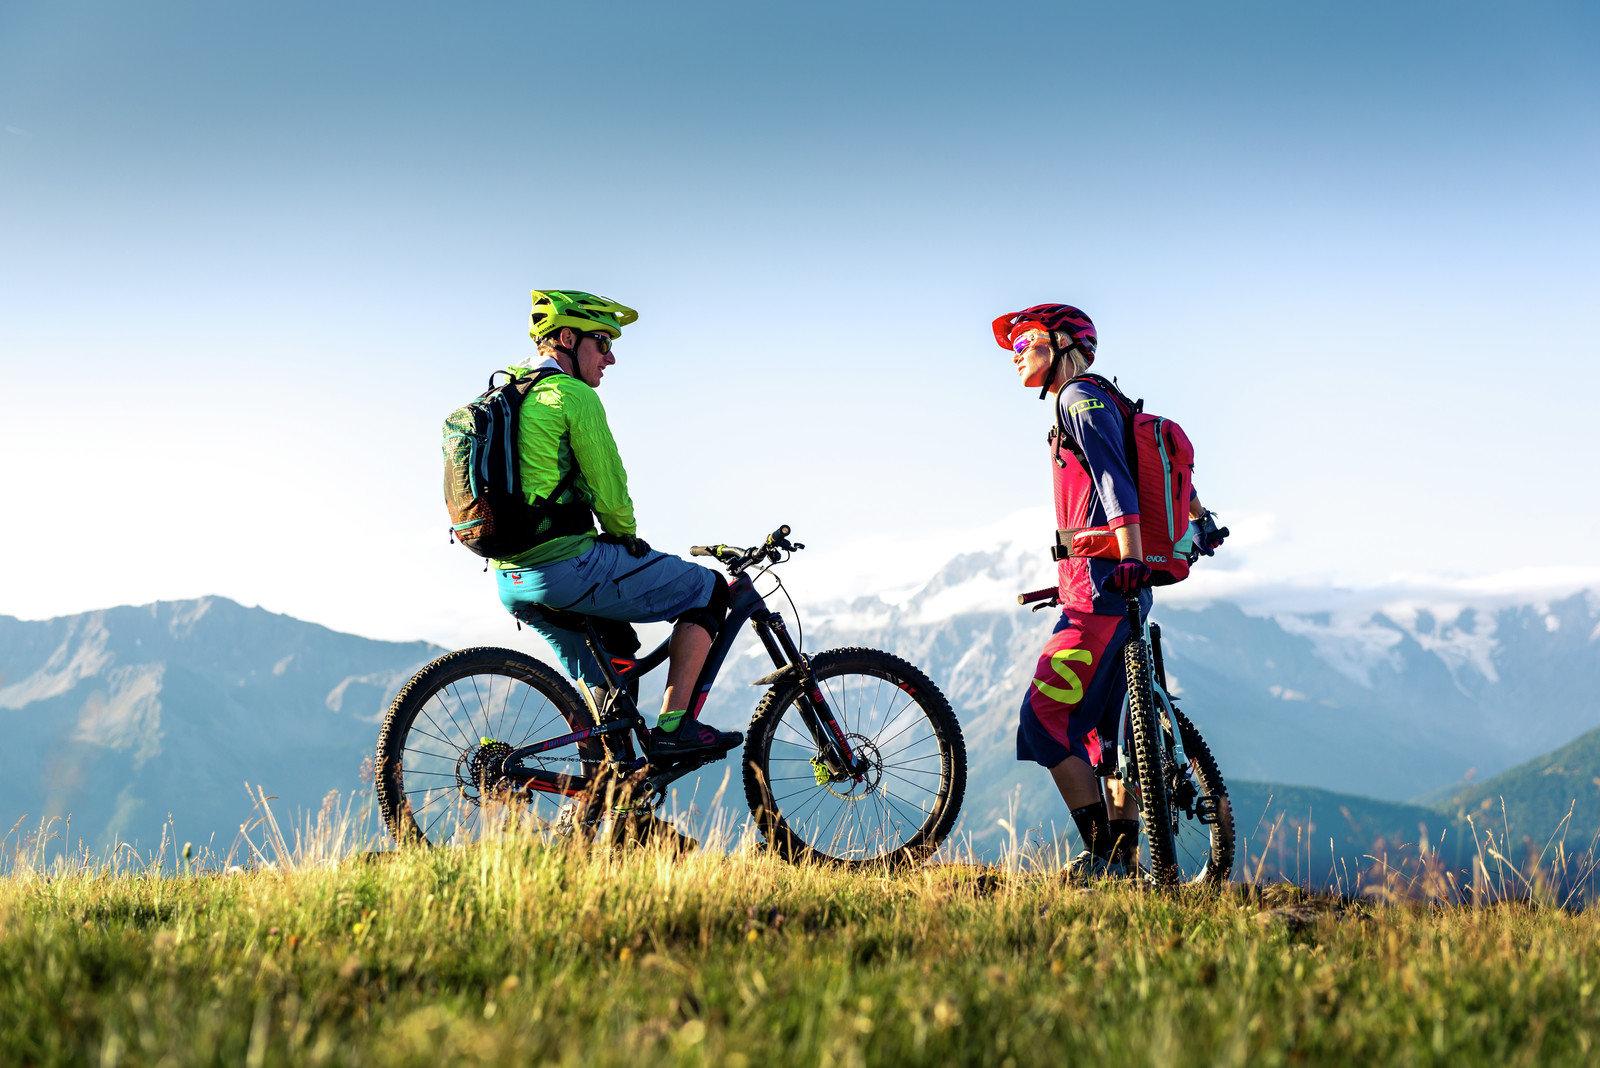 Mountainbike-Woche mit 5 geführten Touren